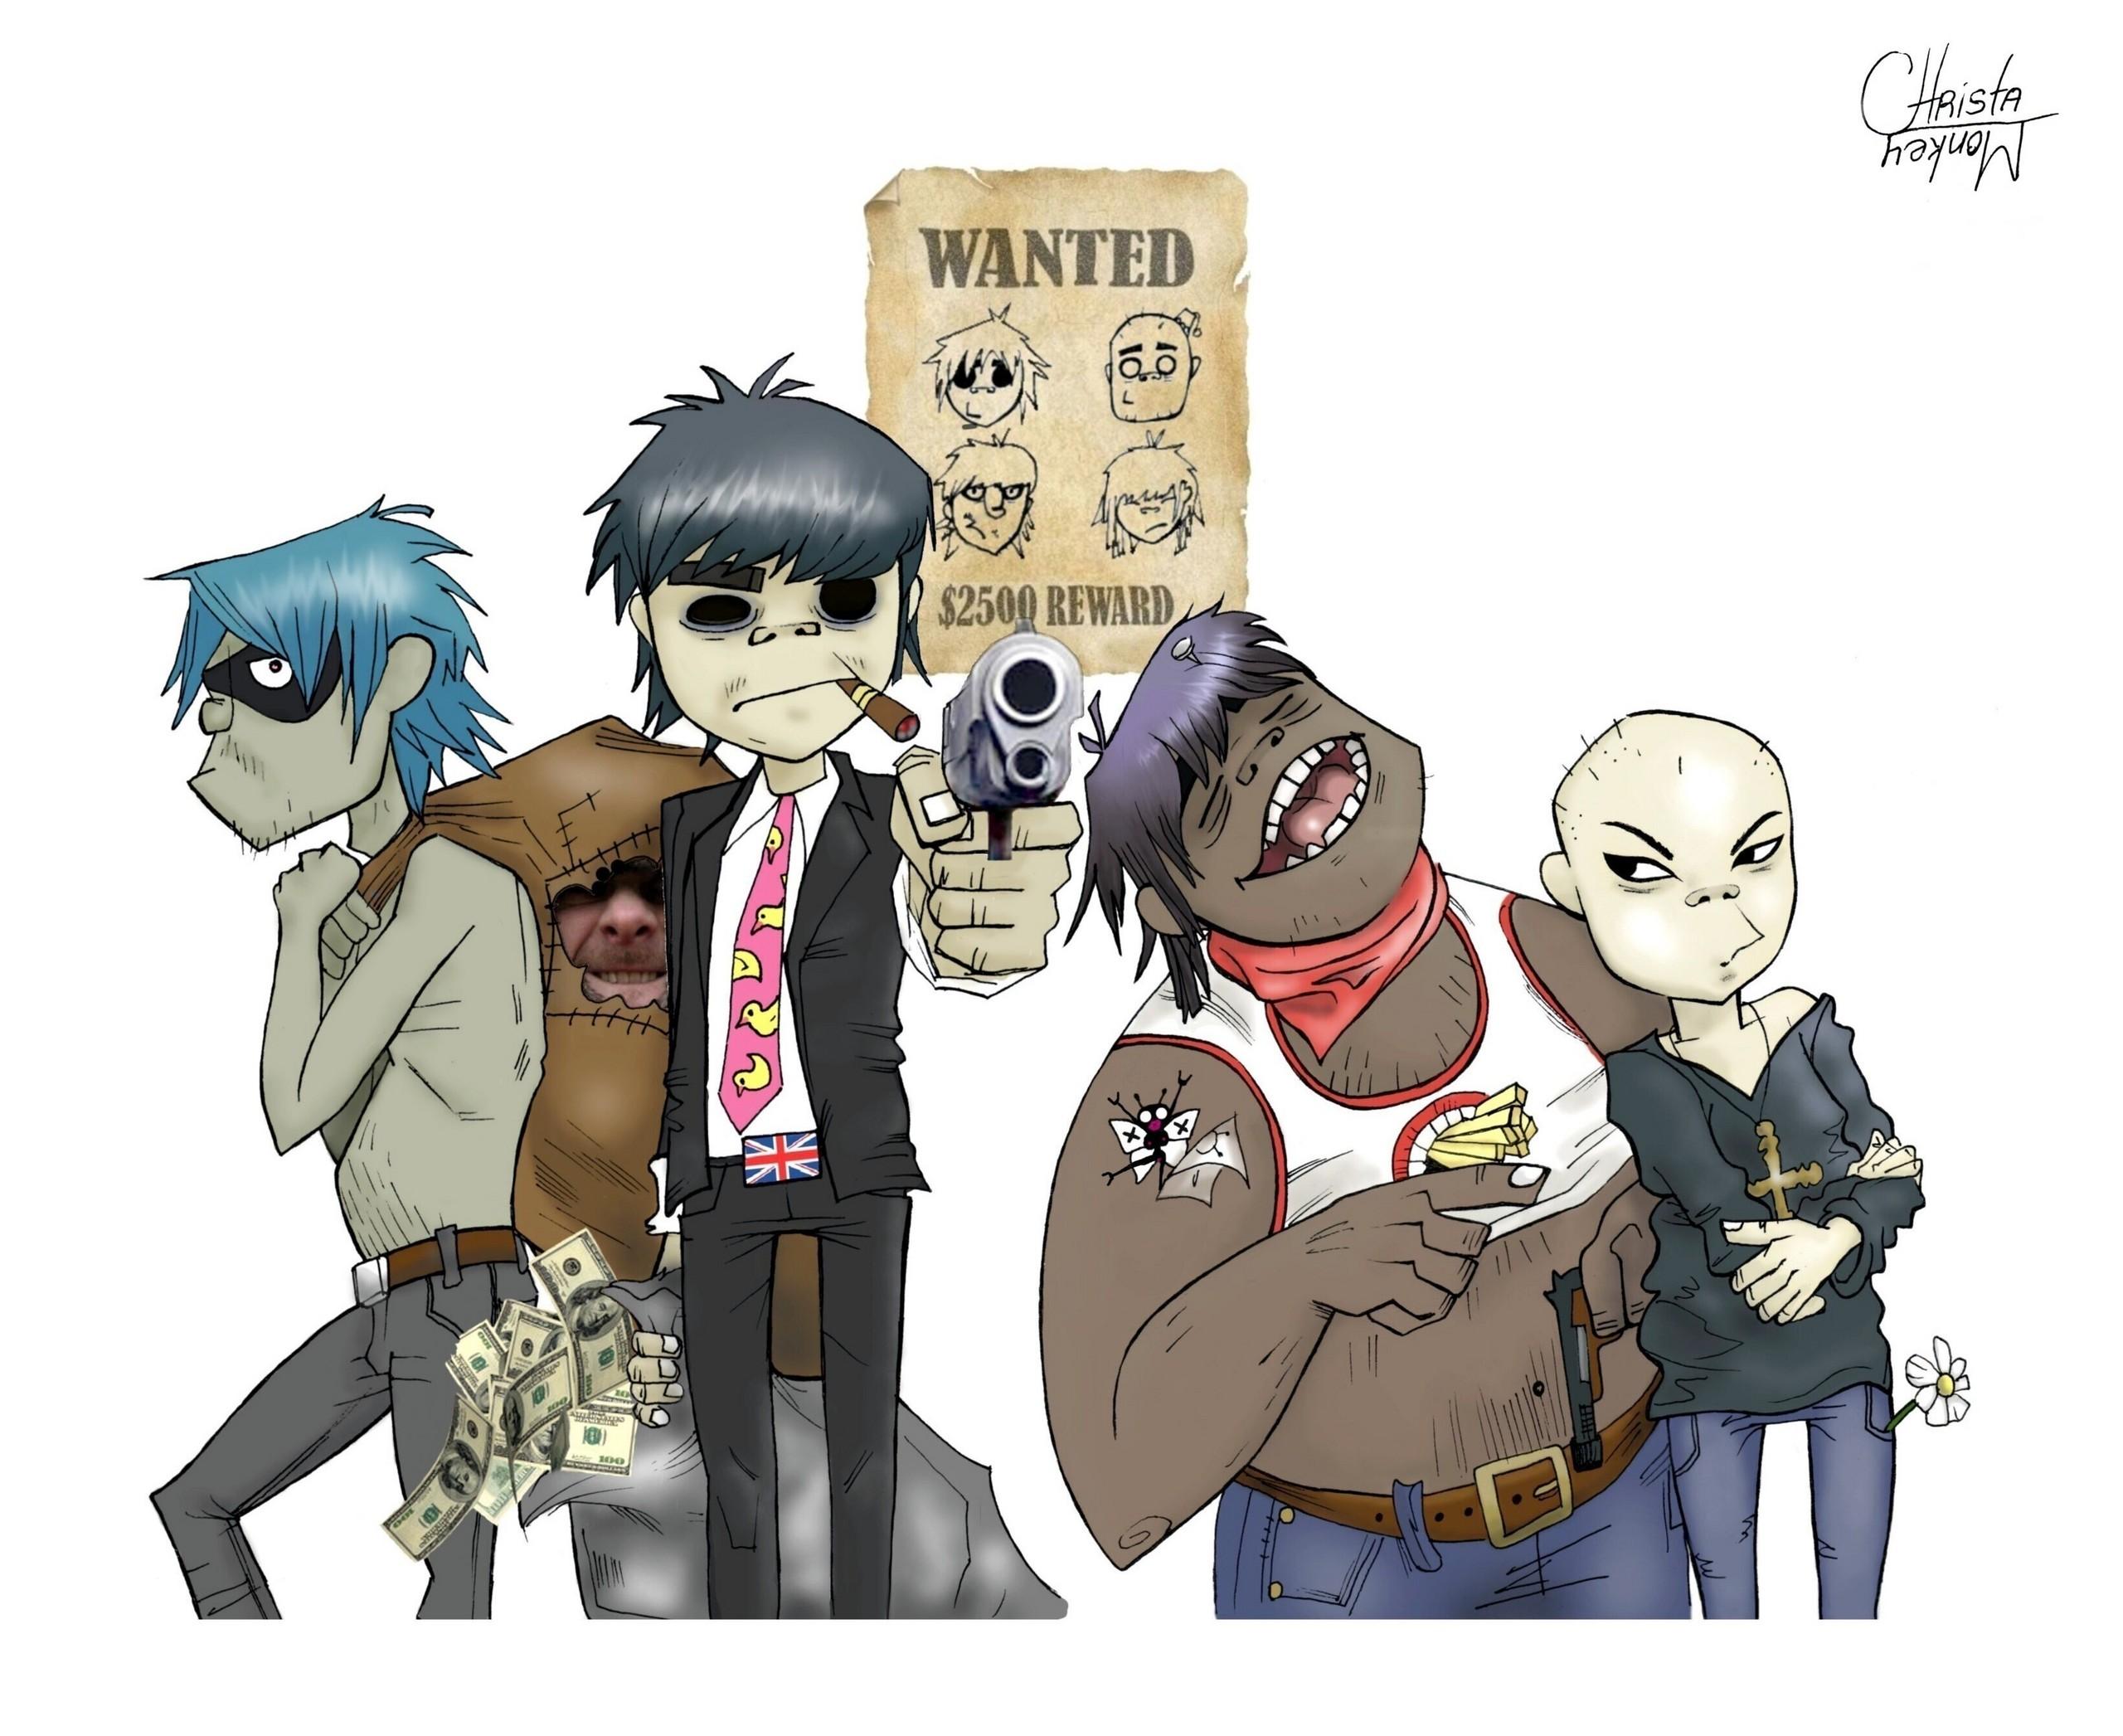 Y Gorillaz Gorillaz images Wanted...